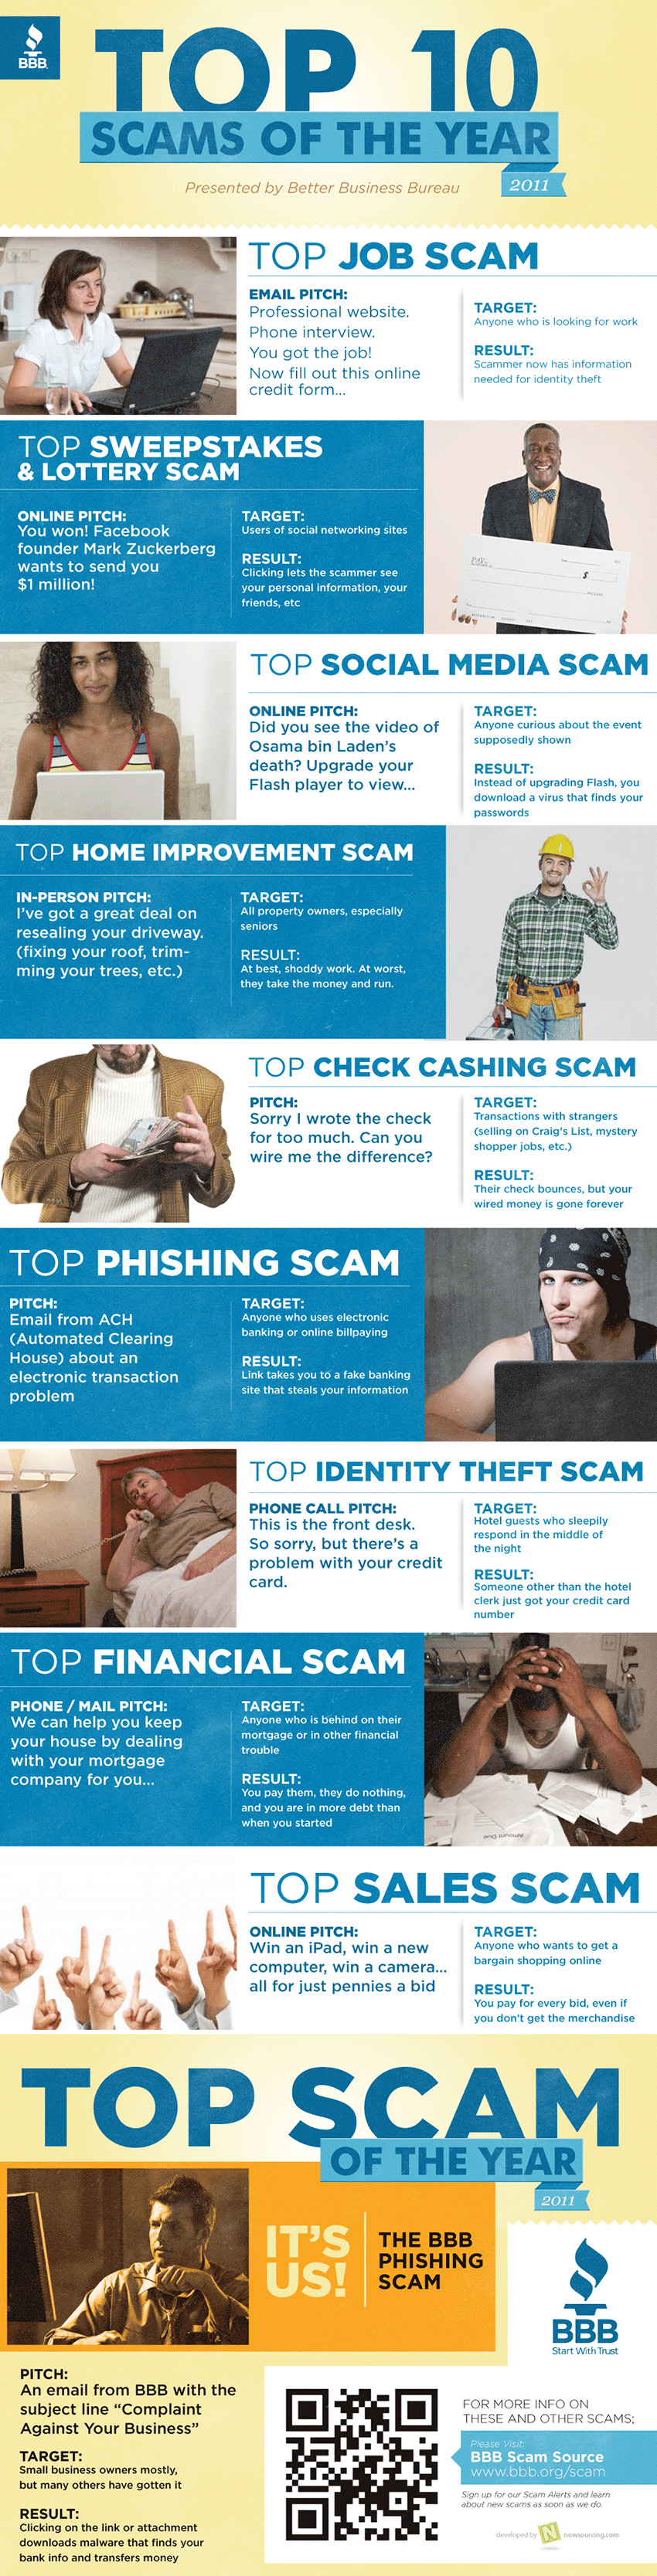 Top fraudes online en 2011